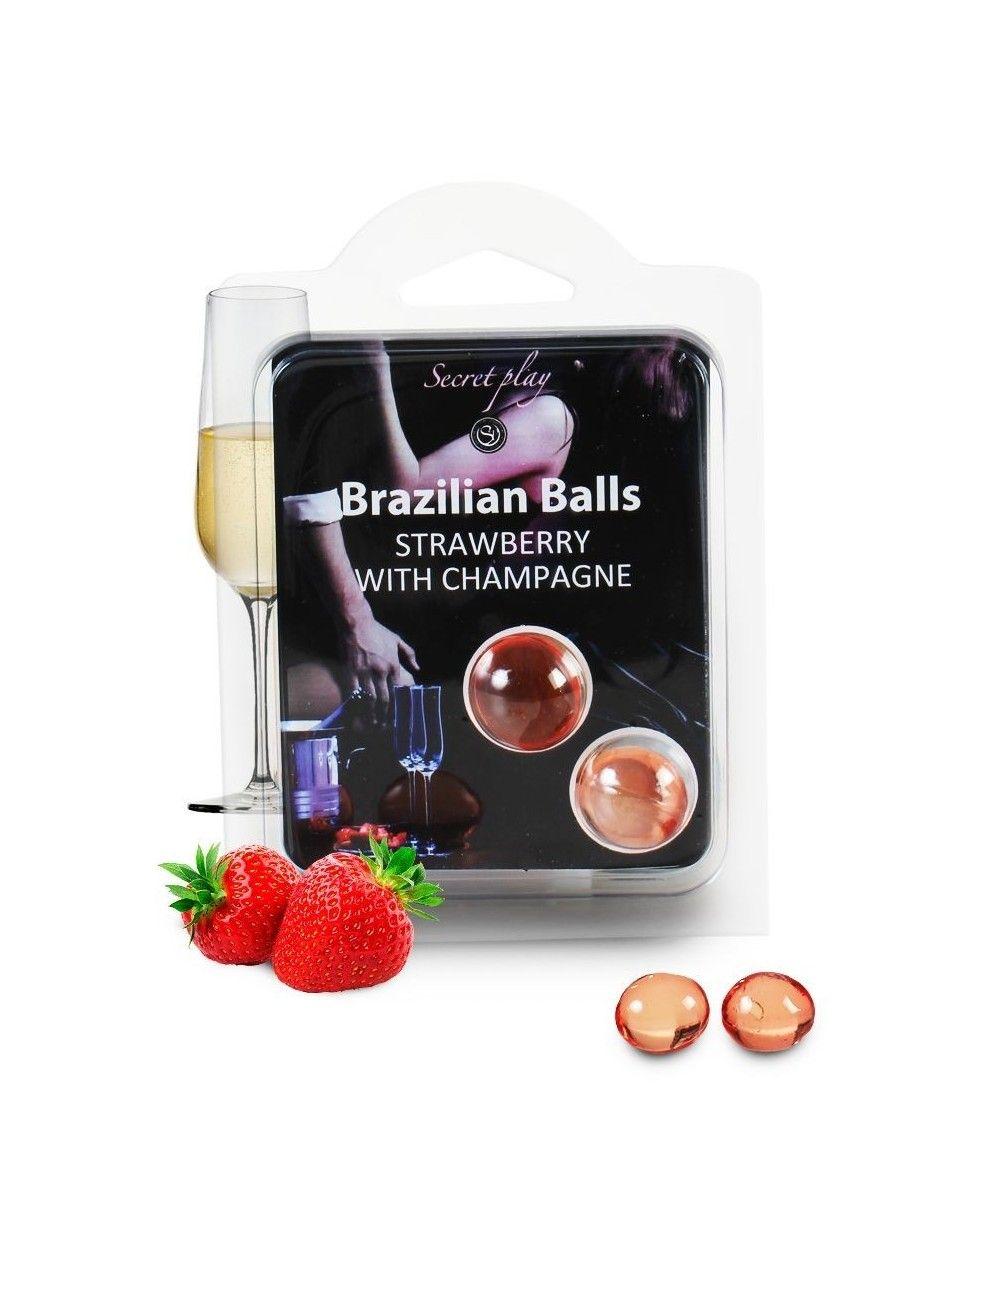 2 boules brésiliennes Fraise Champagne BRAZILIAN BALLS